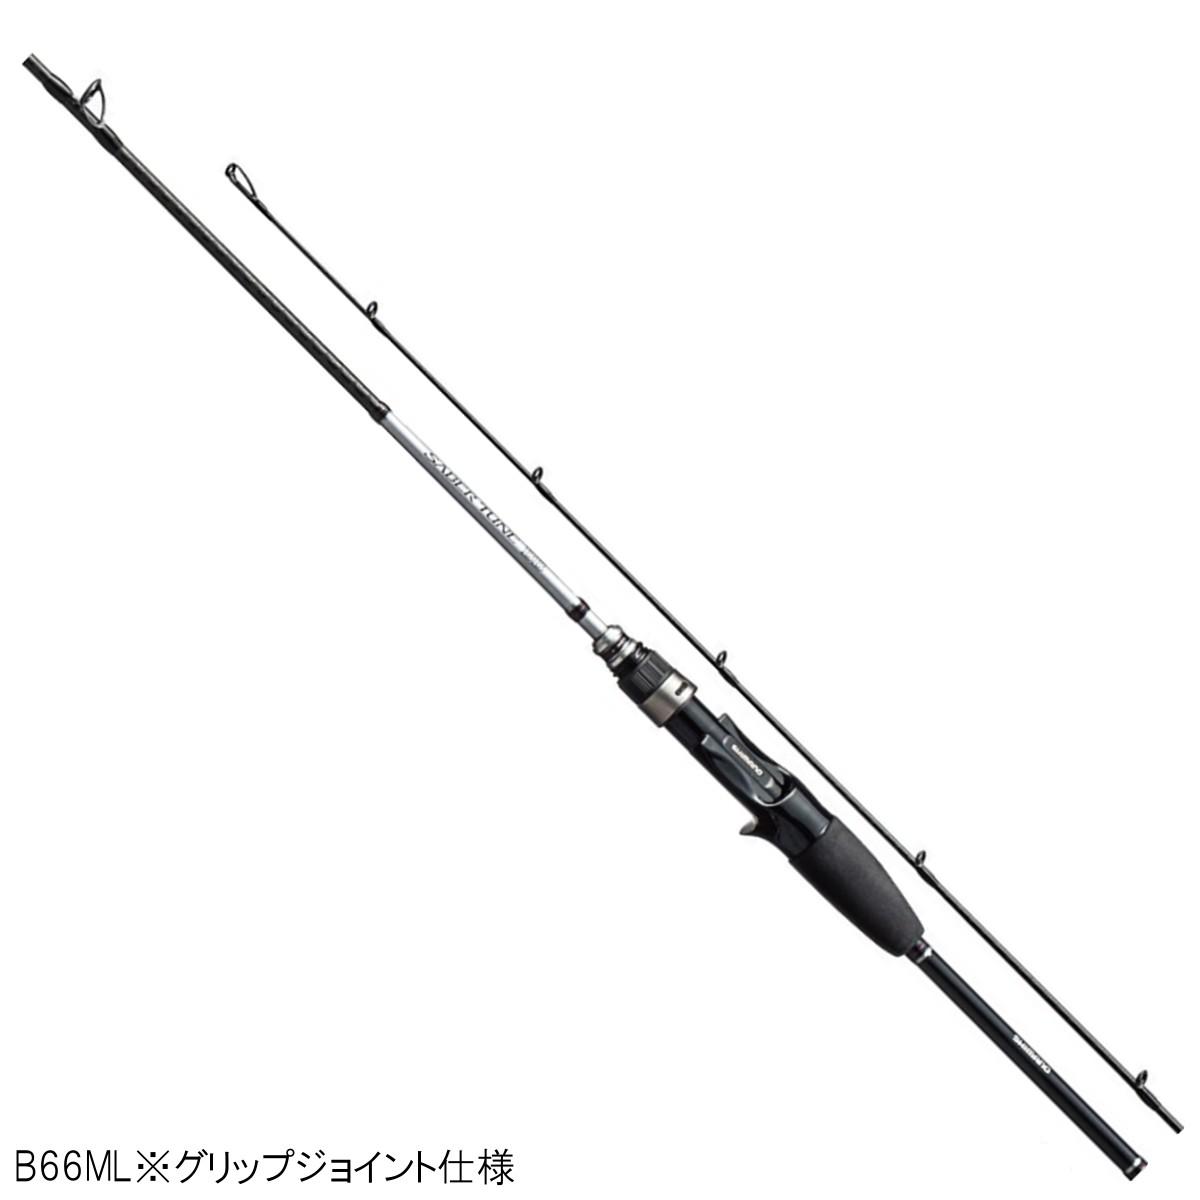 シマノ サーベルチューン BB B66ML【大型商品】【送料無料】